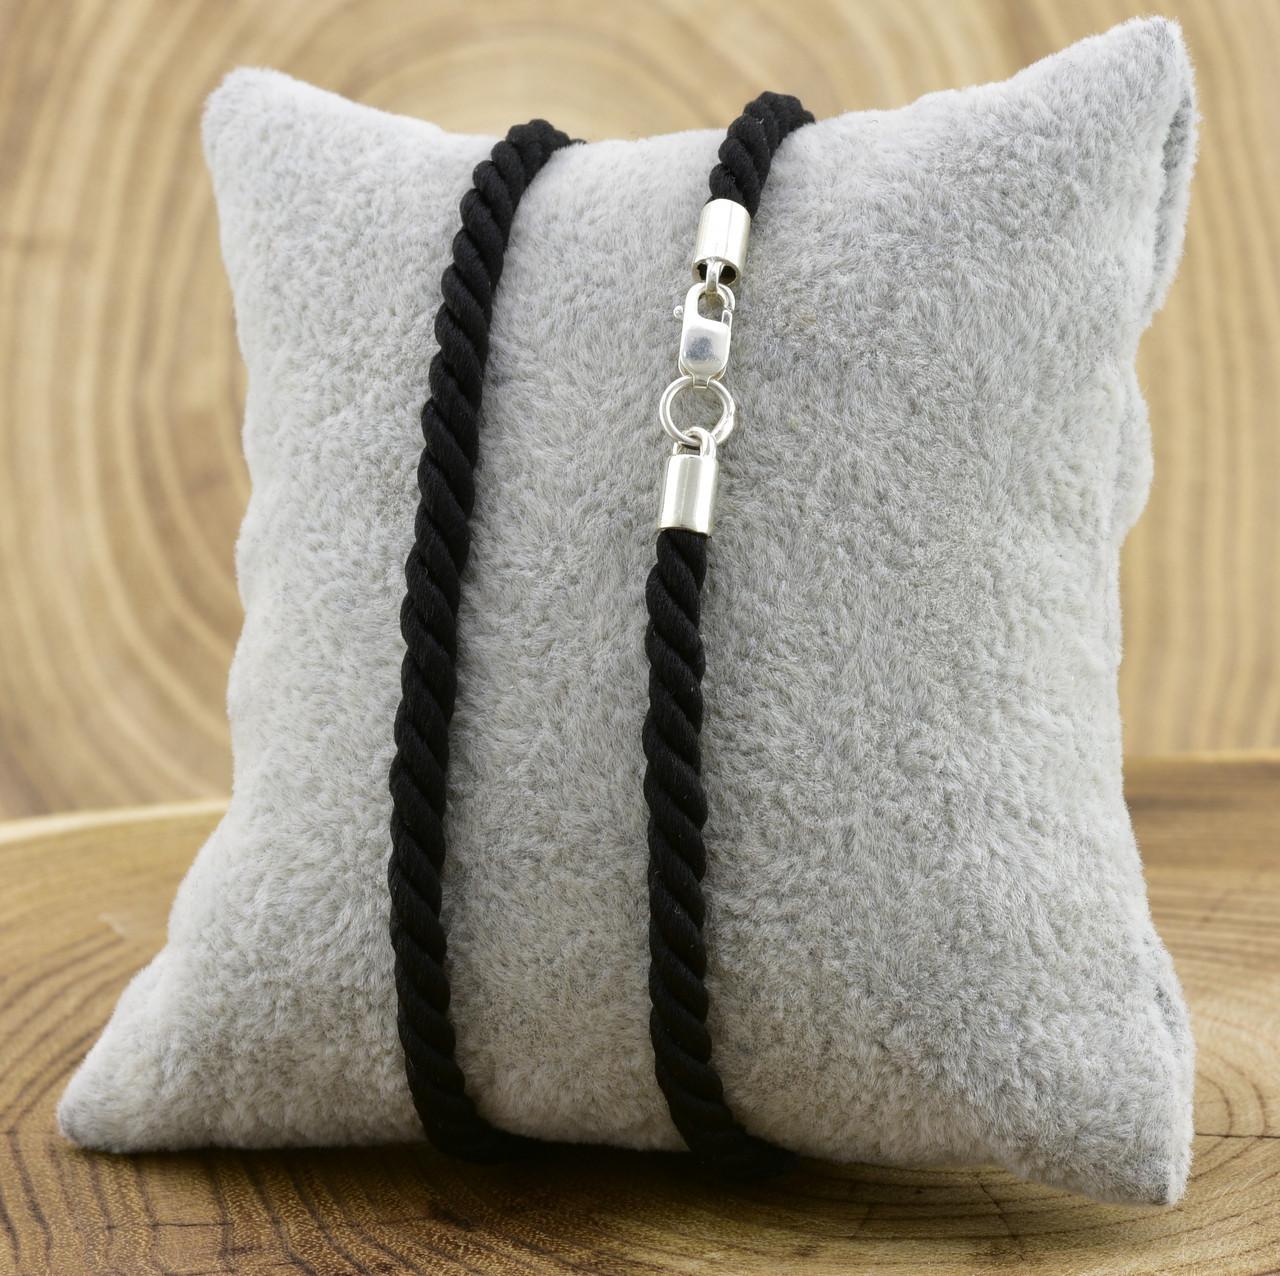 Шнурок плетённый шелковый цвет чёрный длина 50 см ширина 3 мм вес серебра 0.8 г